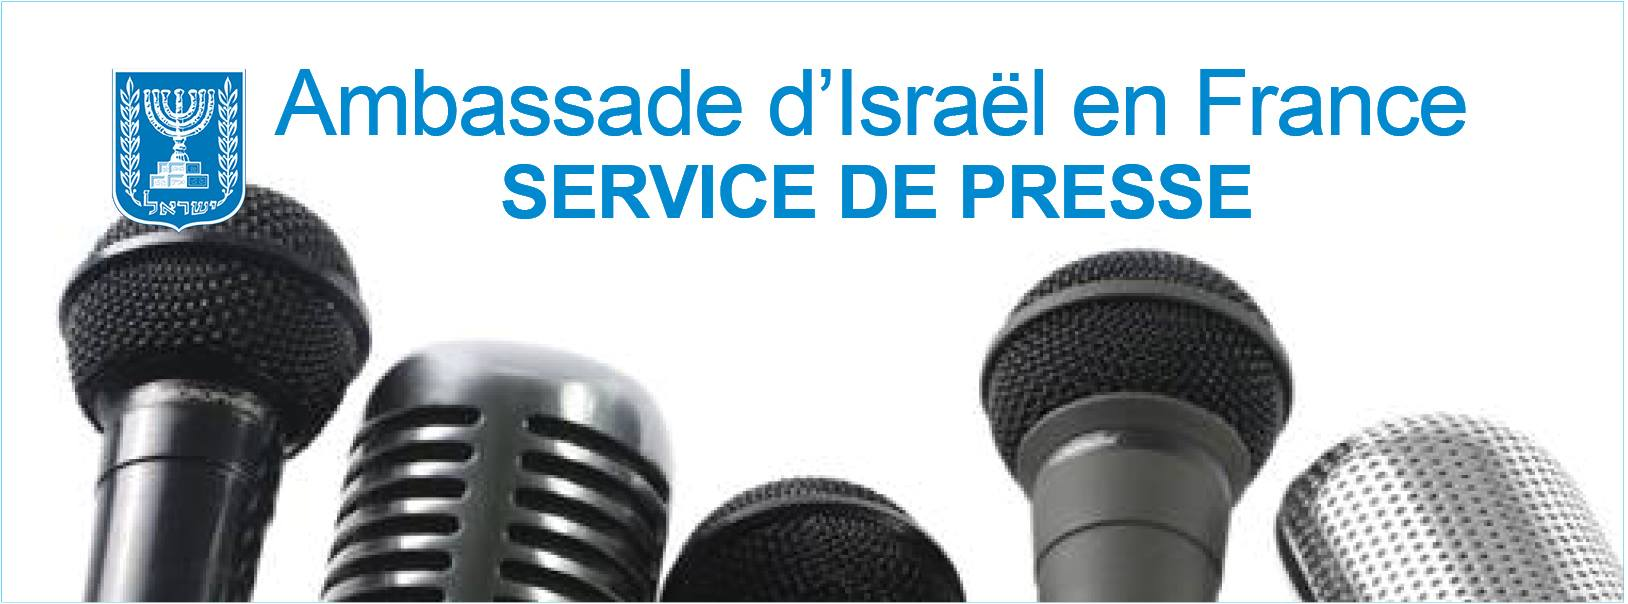 Revue des médias français et israéliens – 18 décembre 2014